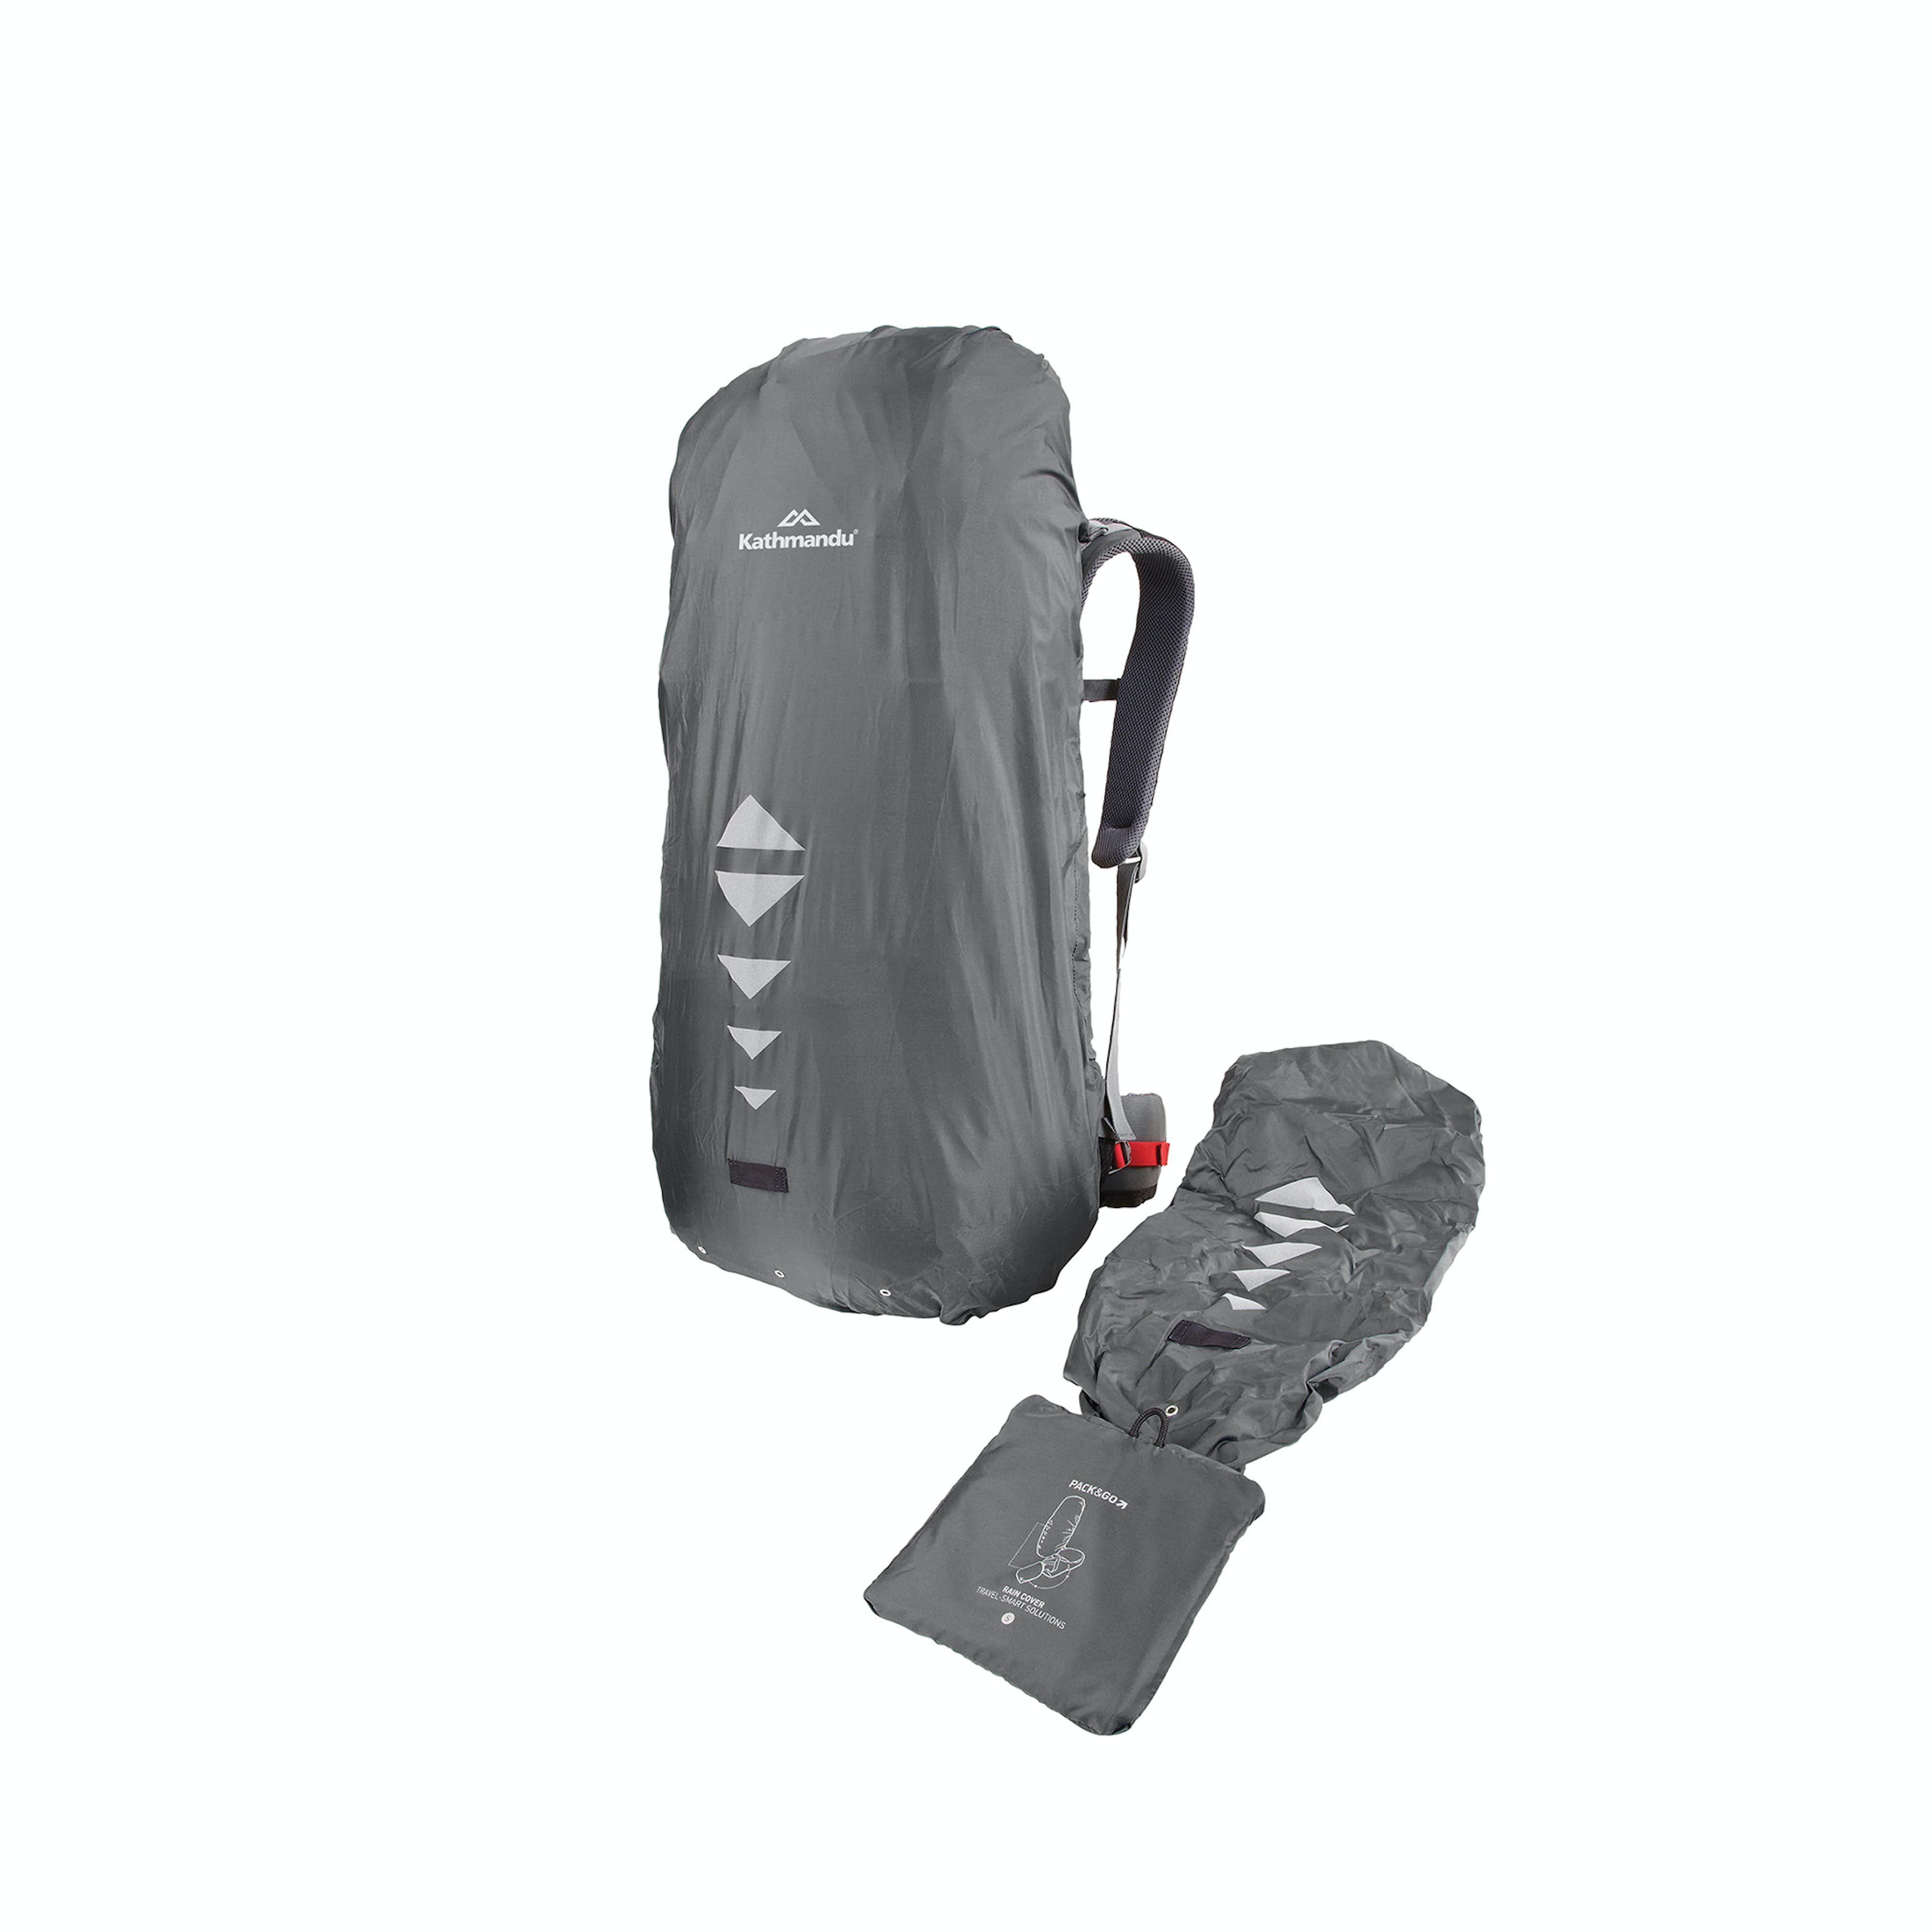 3e07d10fd6d9 Pack Raincover v2 - Small